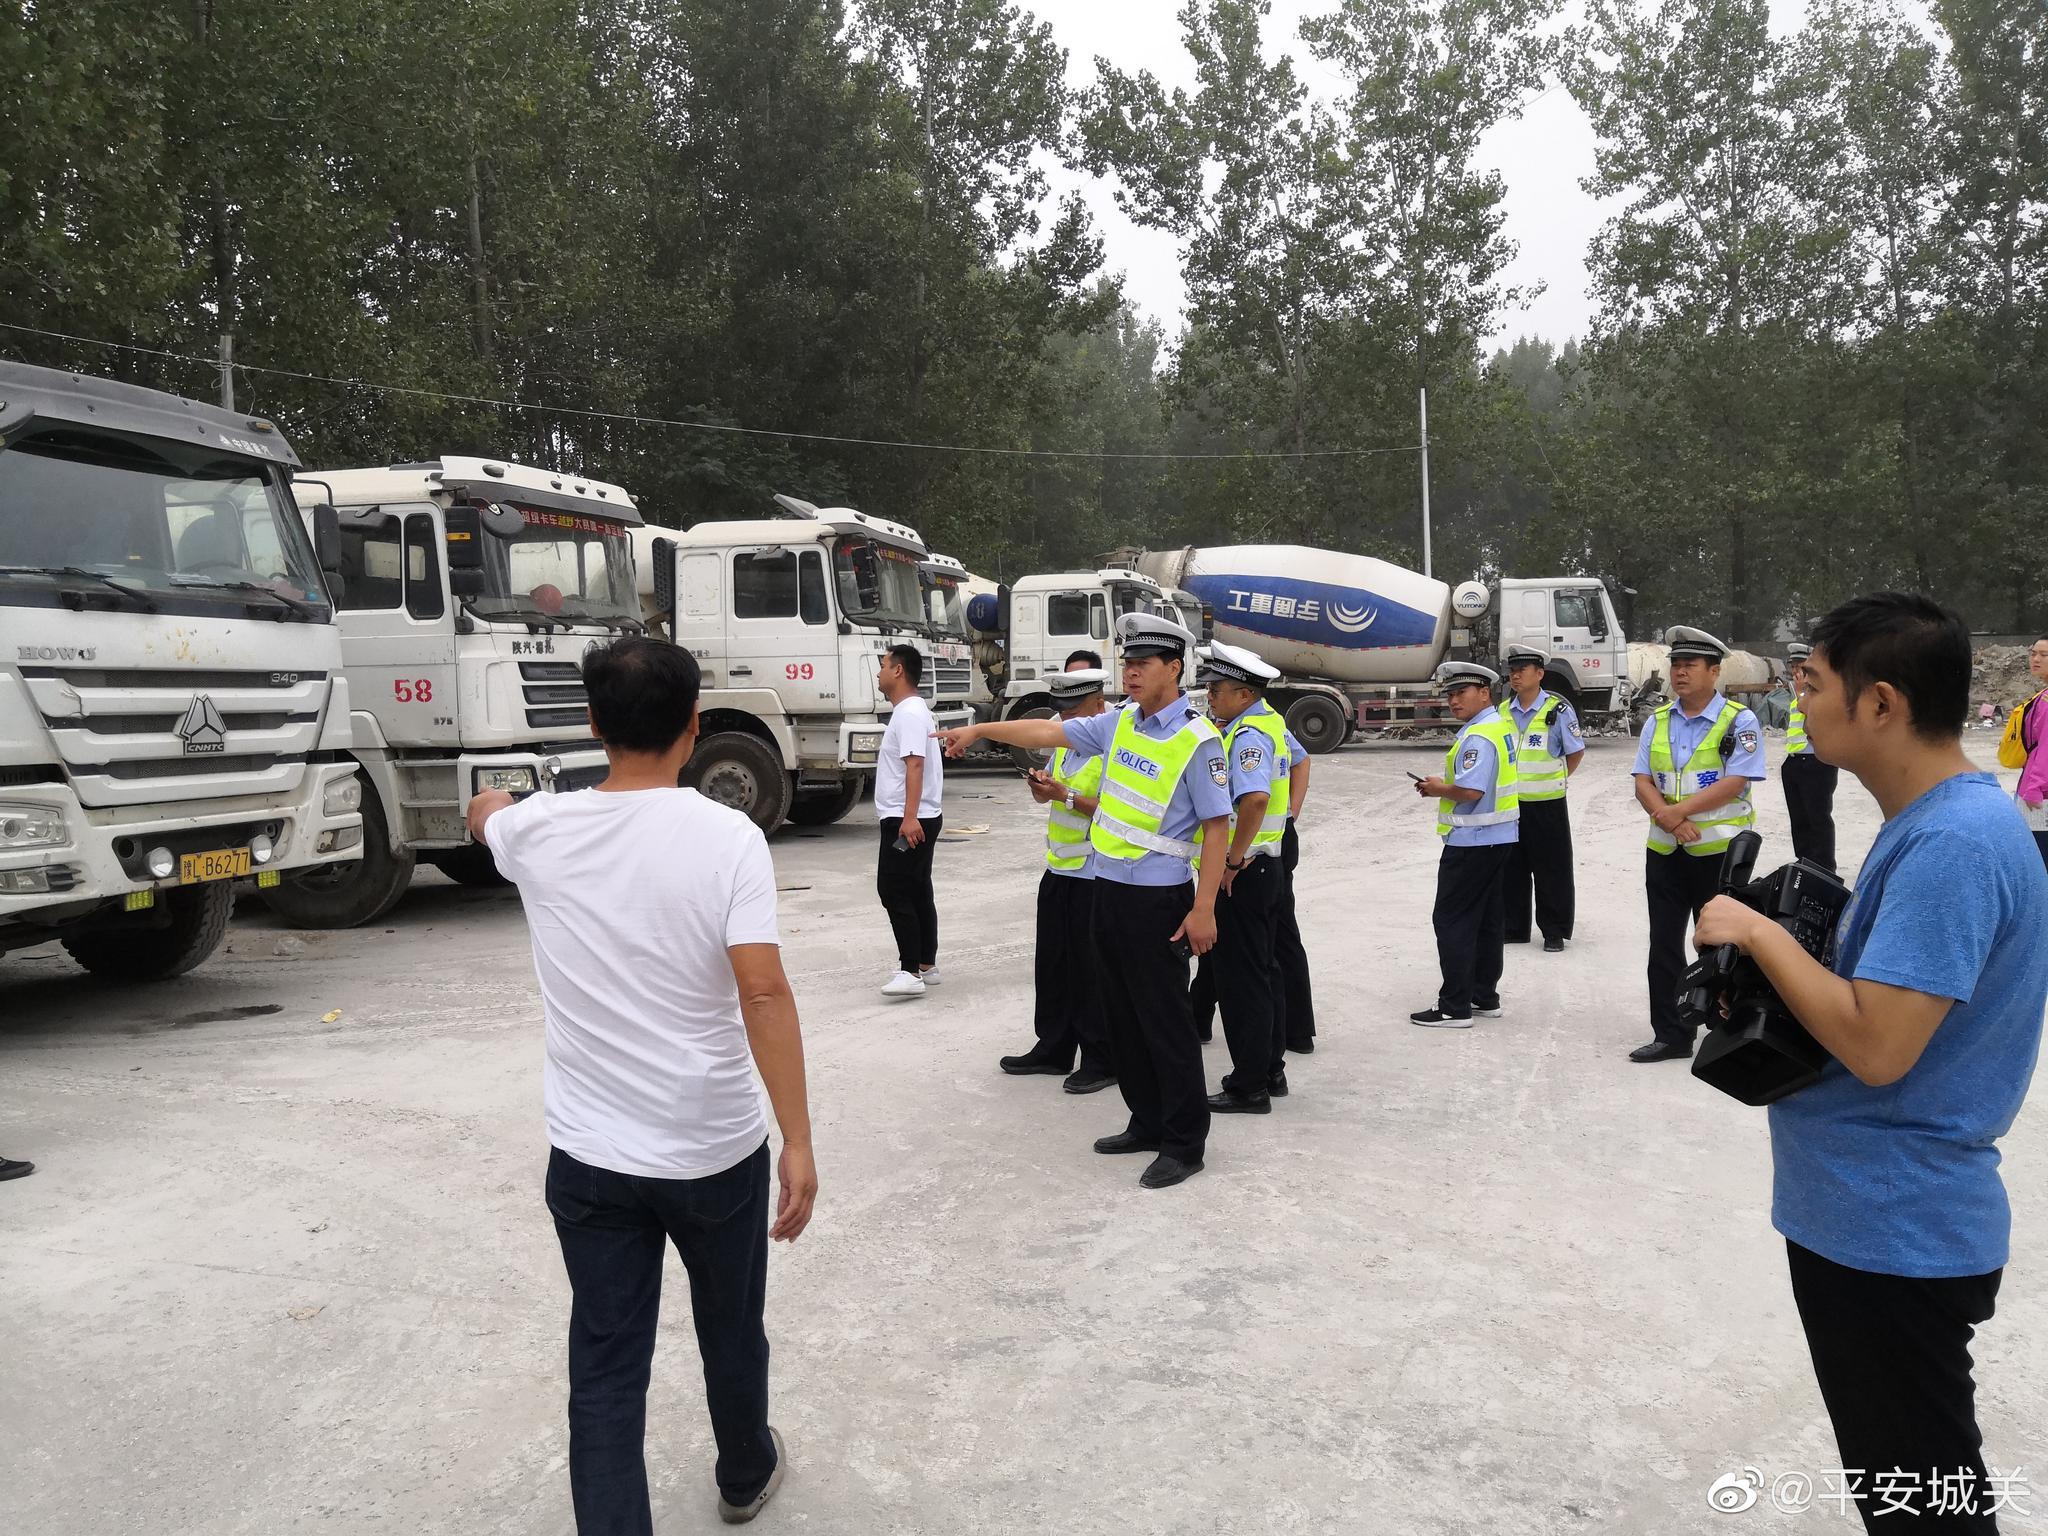 9月 12日上午漯河市公安局城关分局交管巡防大队民警在大队长张建平的